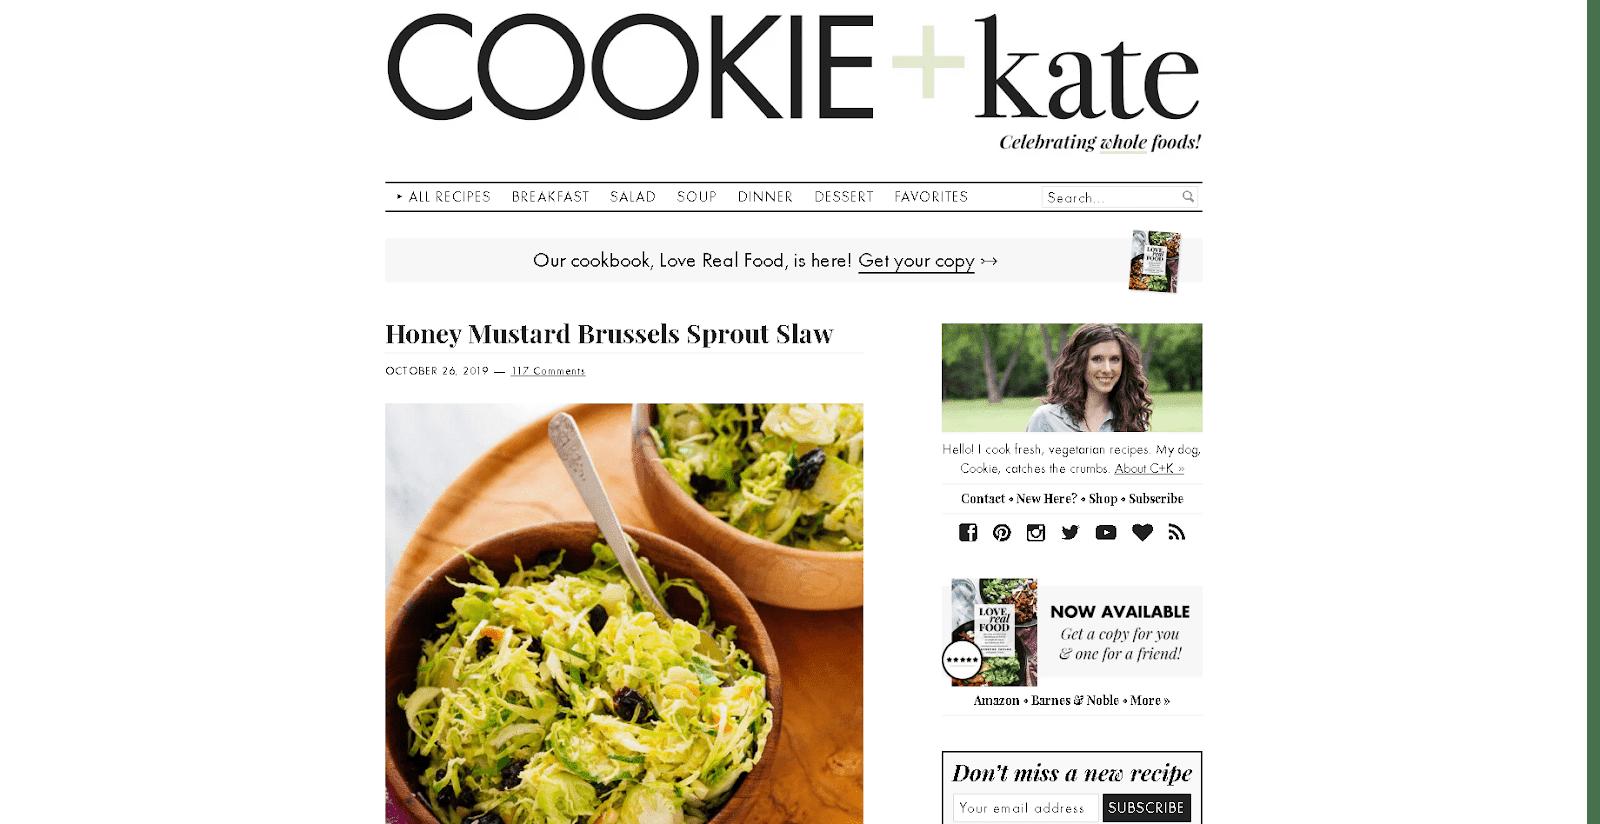 sajt-cookieandkatecom-glavnaya-stranicza-skrinshot